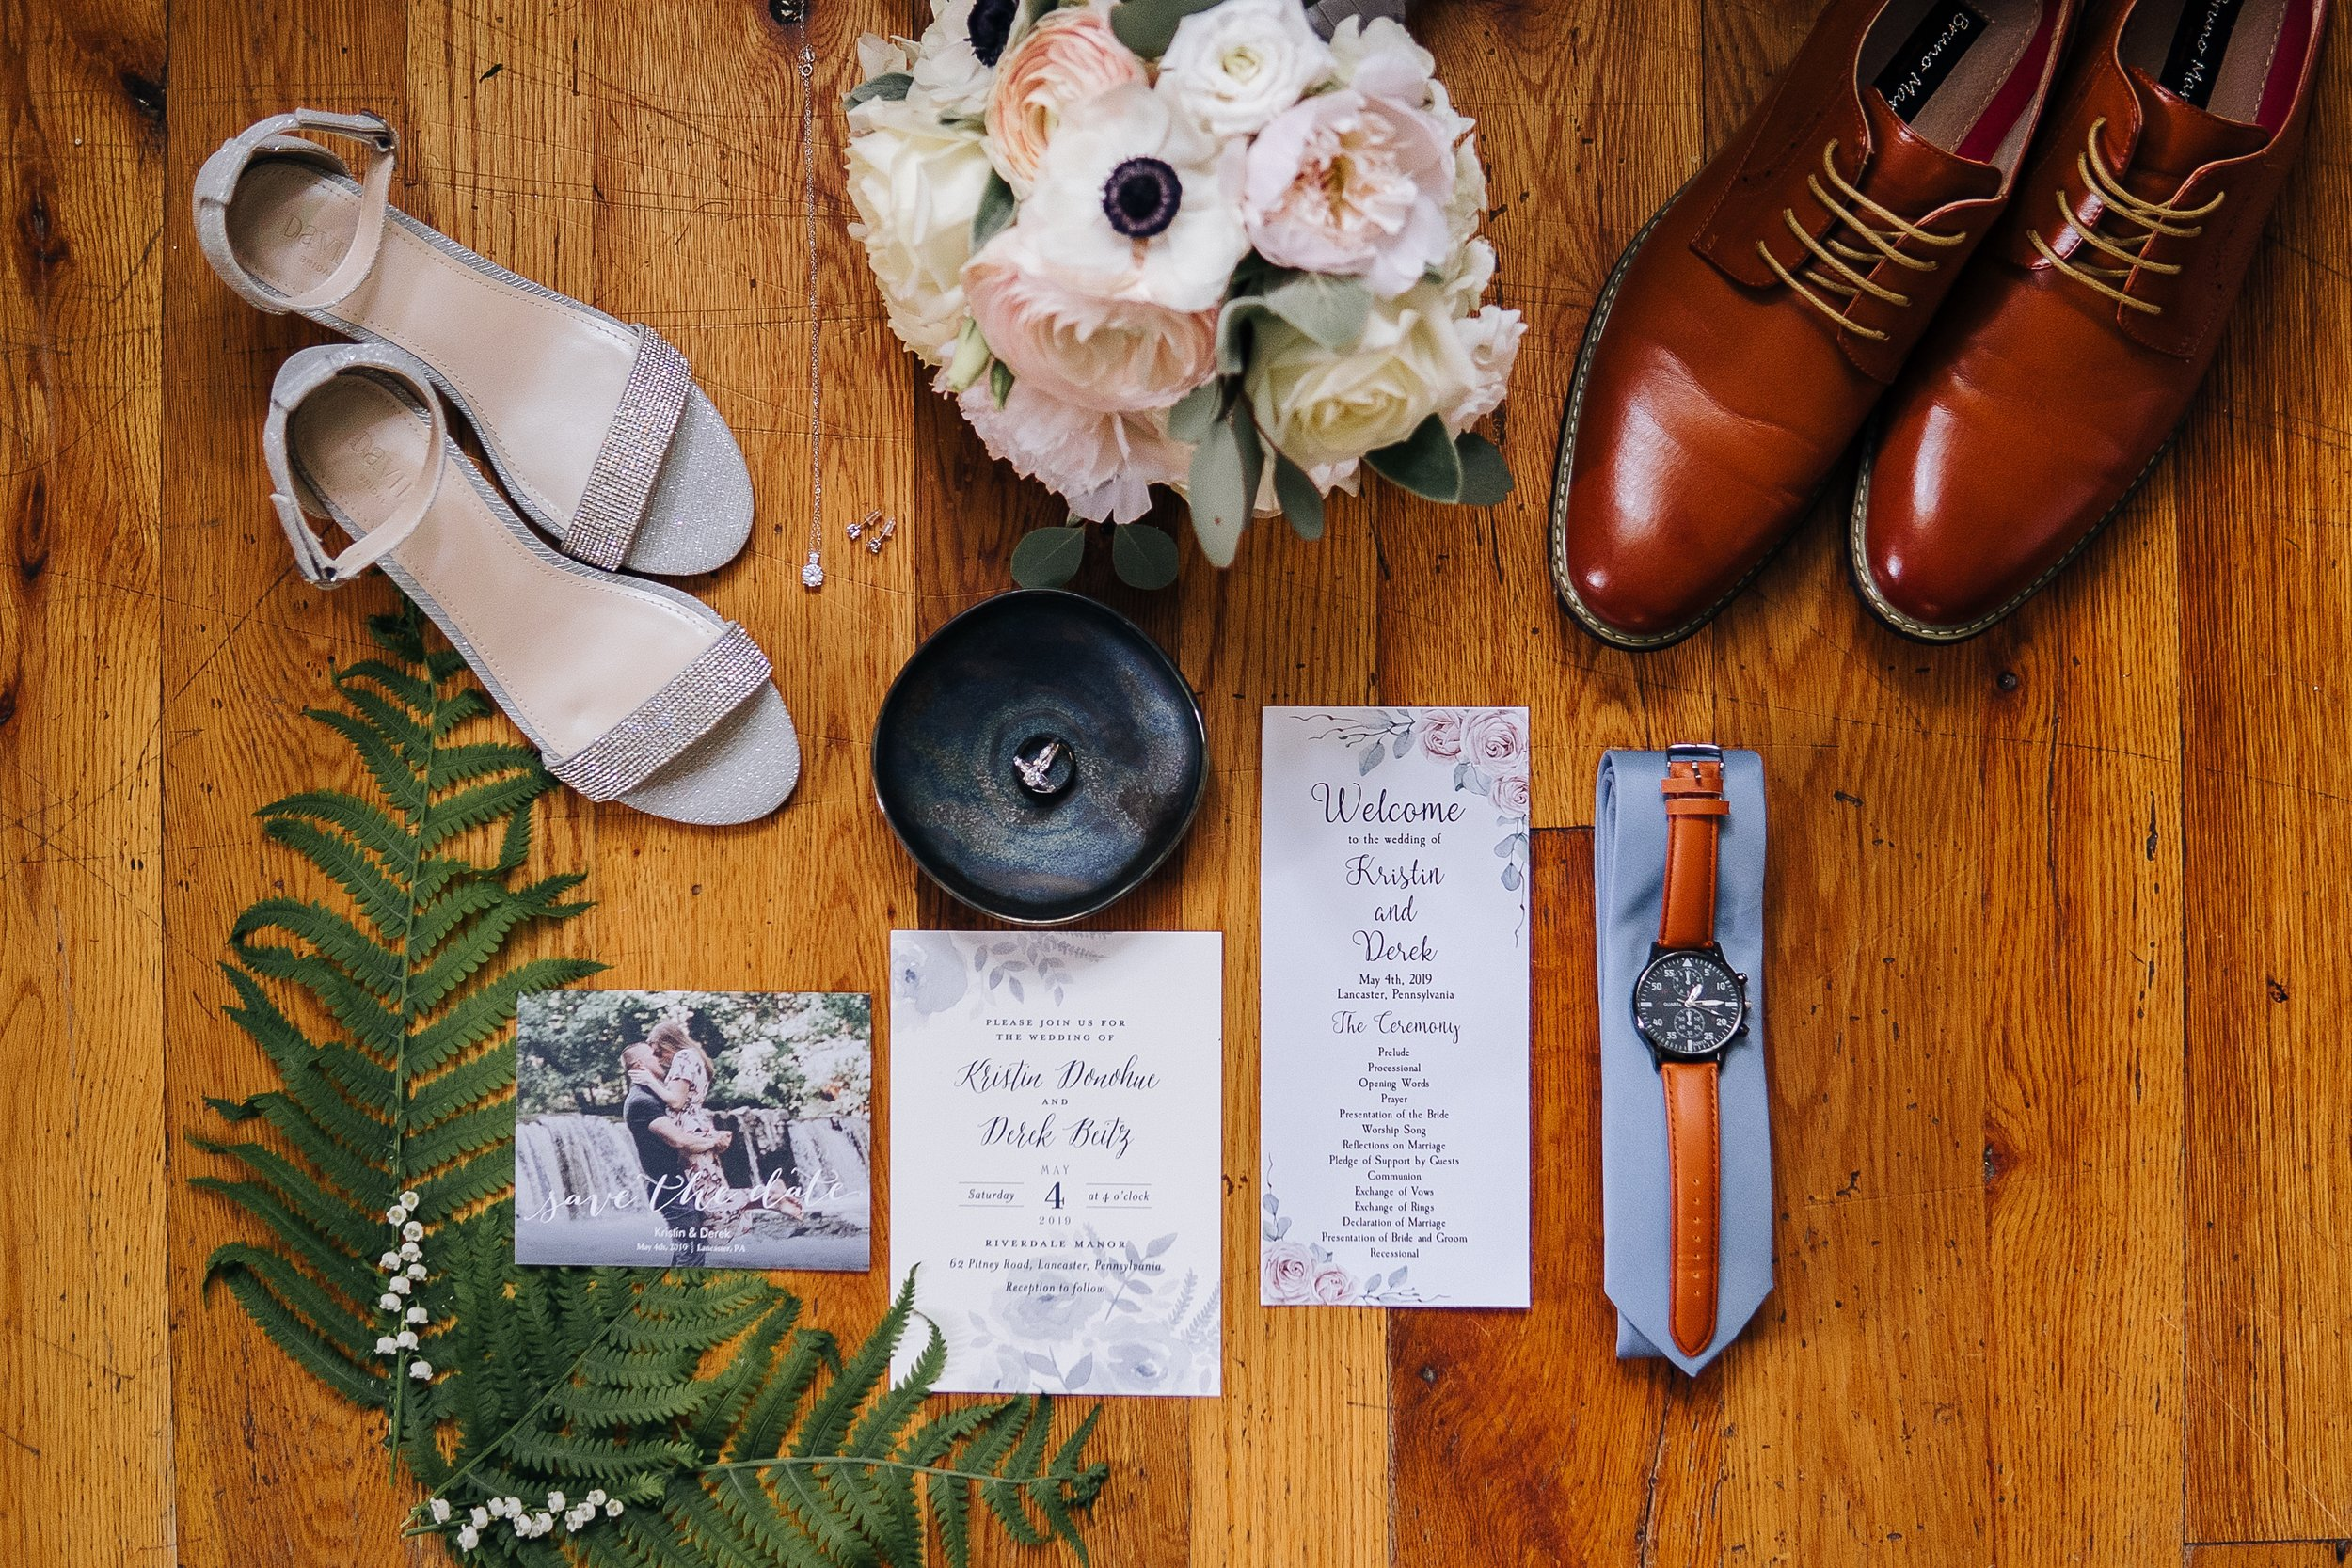 Derek and Kristin's Wedding Day-1.jpg